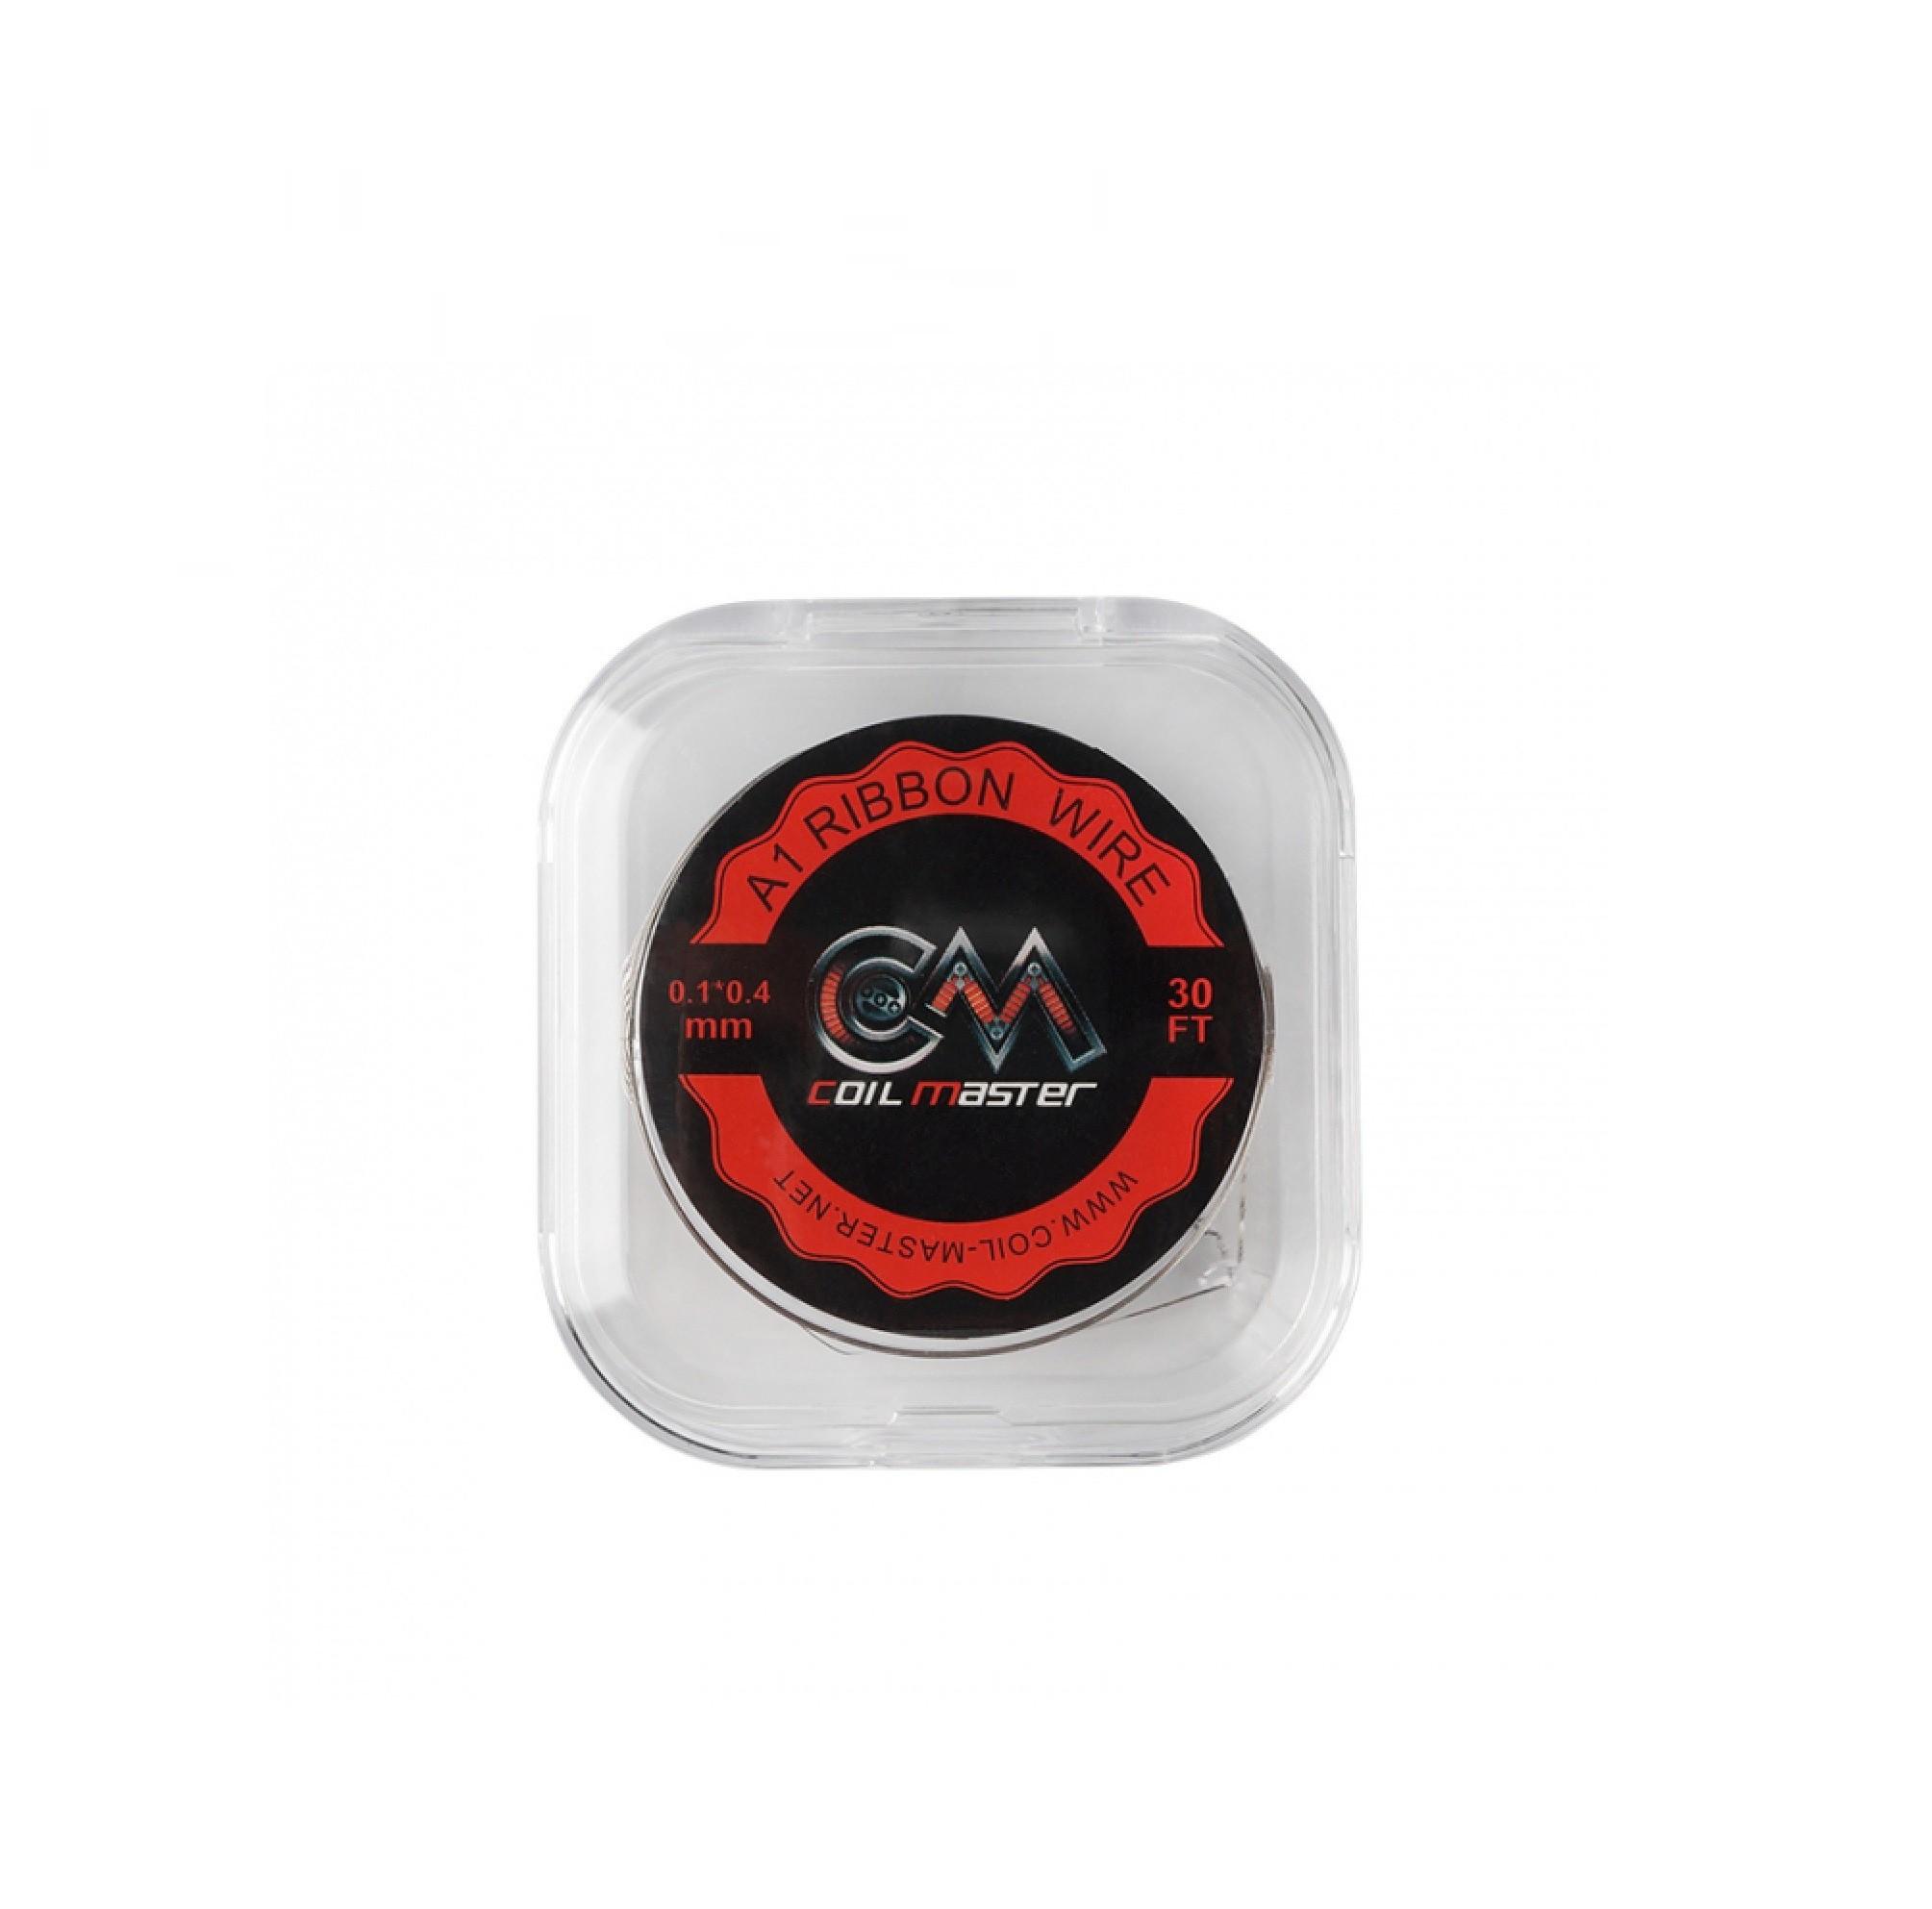 Coil Master Ribbon draad is verkocht per rolletjes van 30ft (9m). Ribbon draad zorgt voor een grotere oppervlakte.